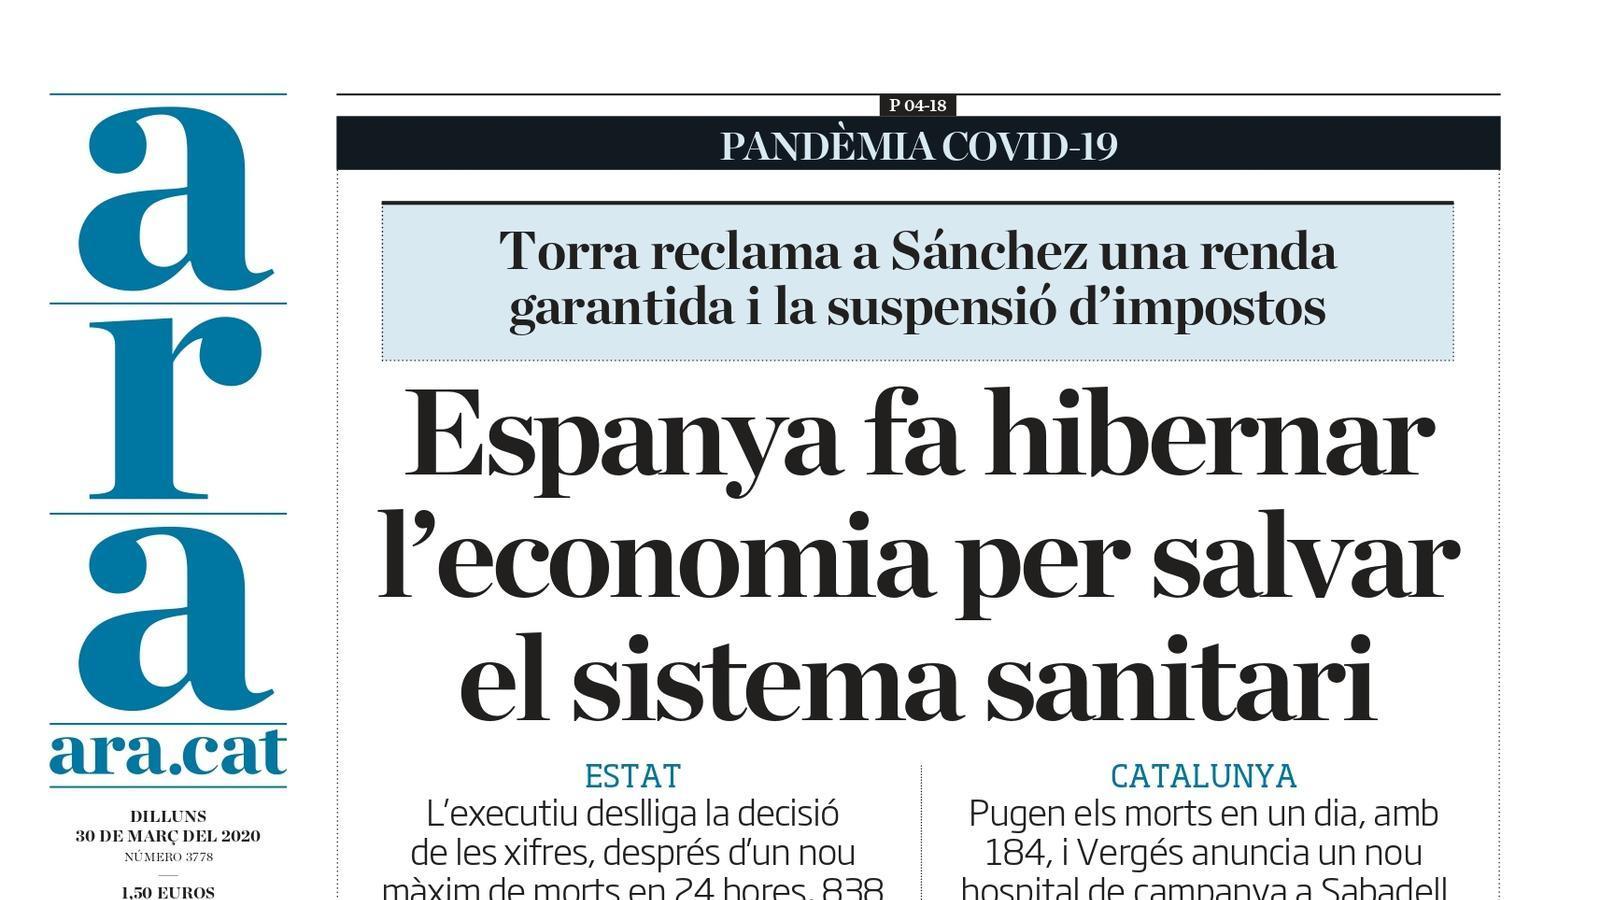 """""""Espanya fa hibernar l'economia per salvar el sistema sanitari"""", la portada de l'ARA"""